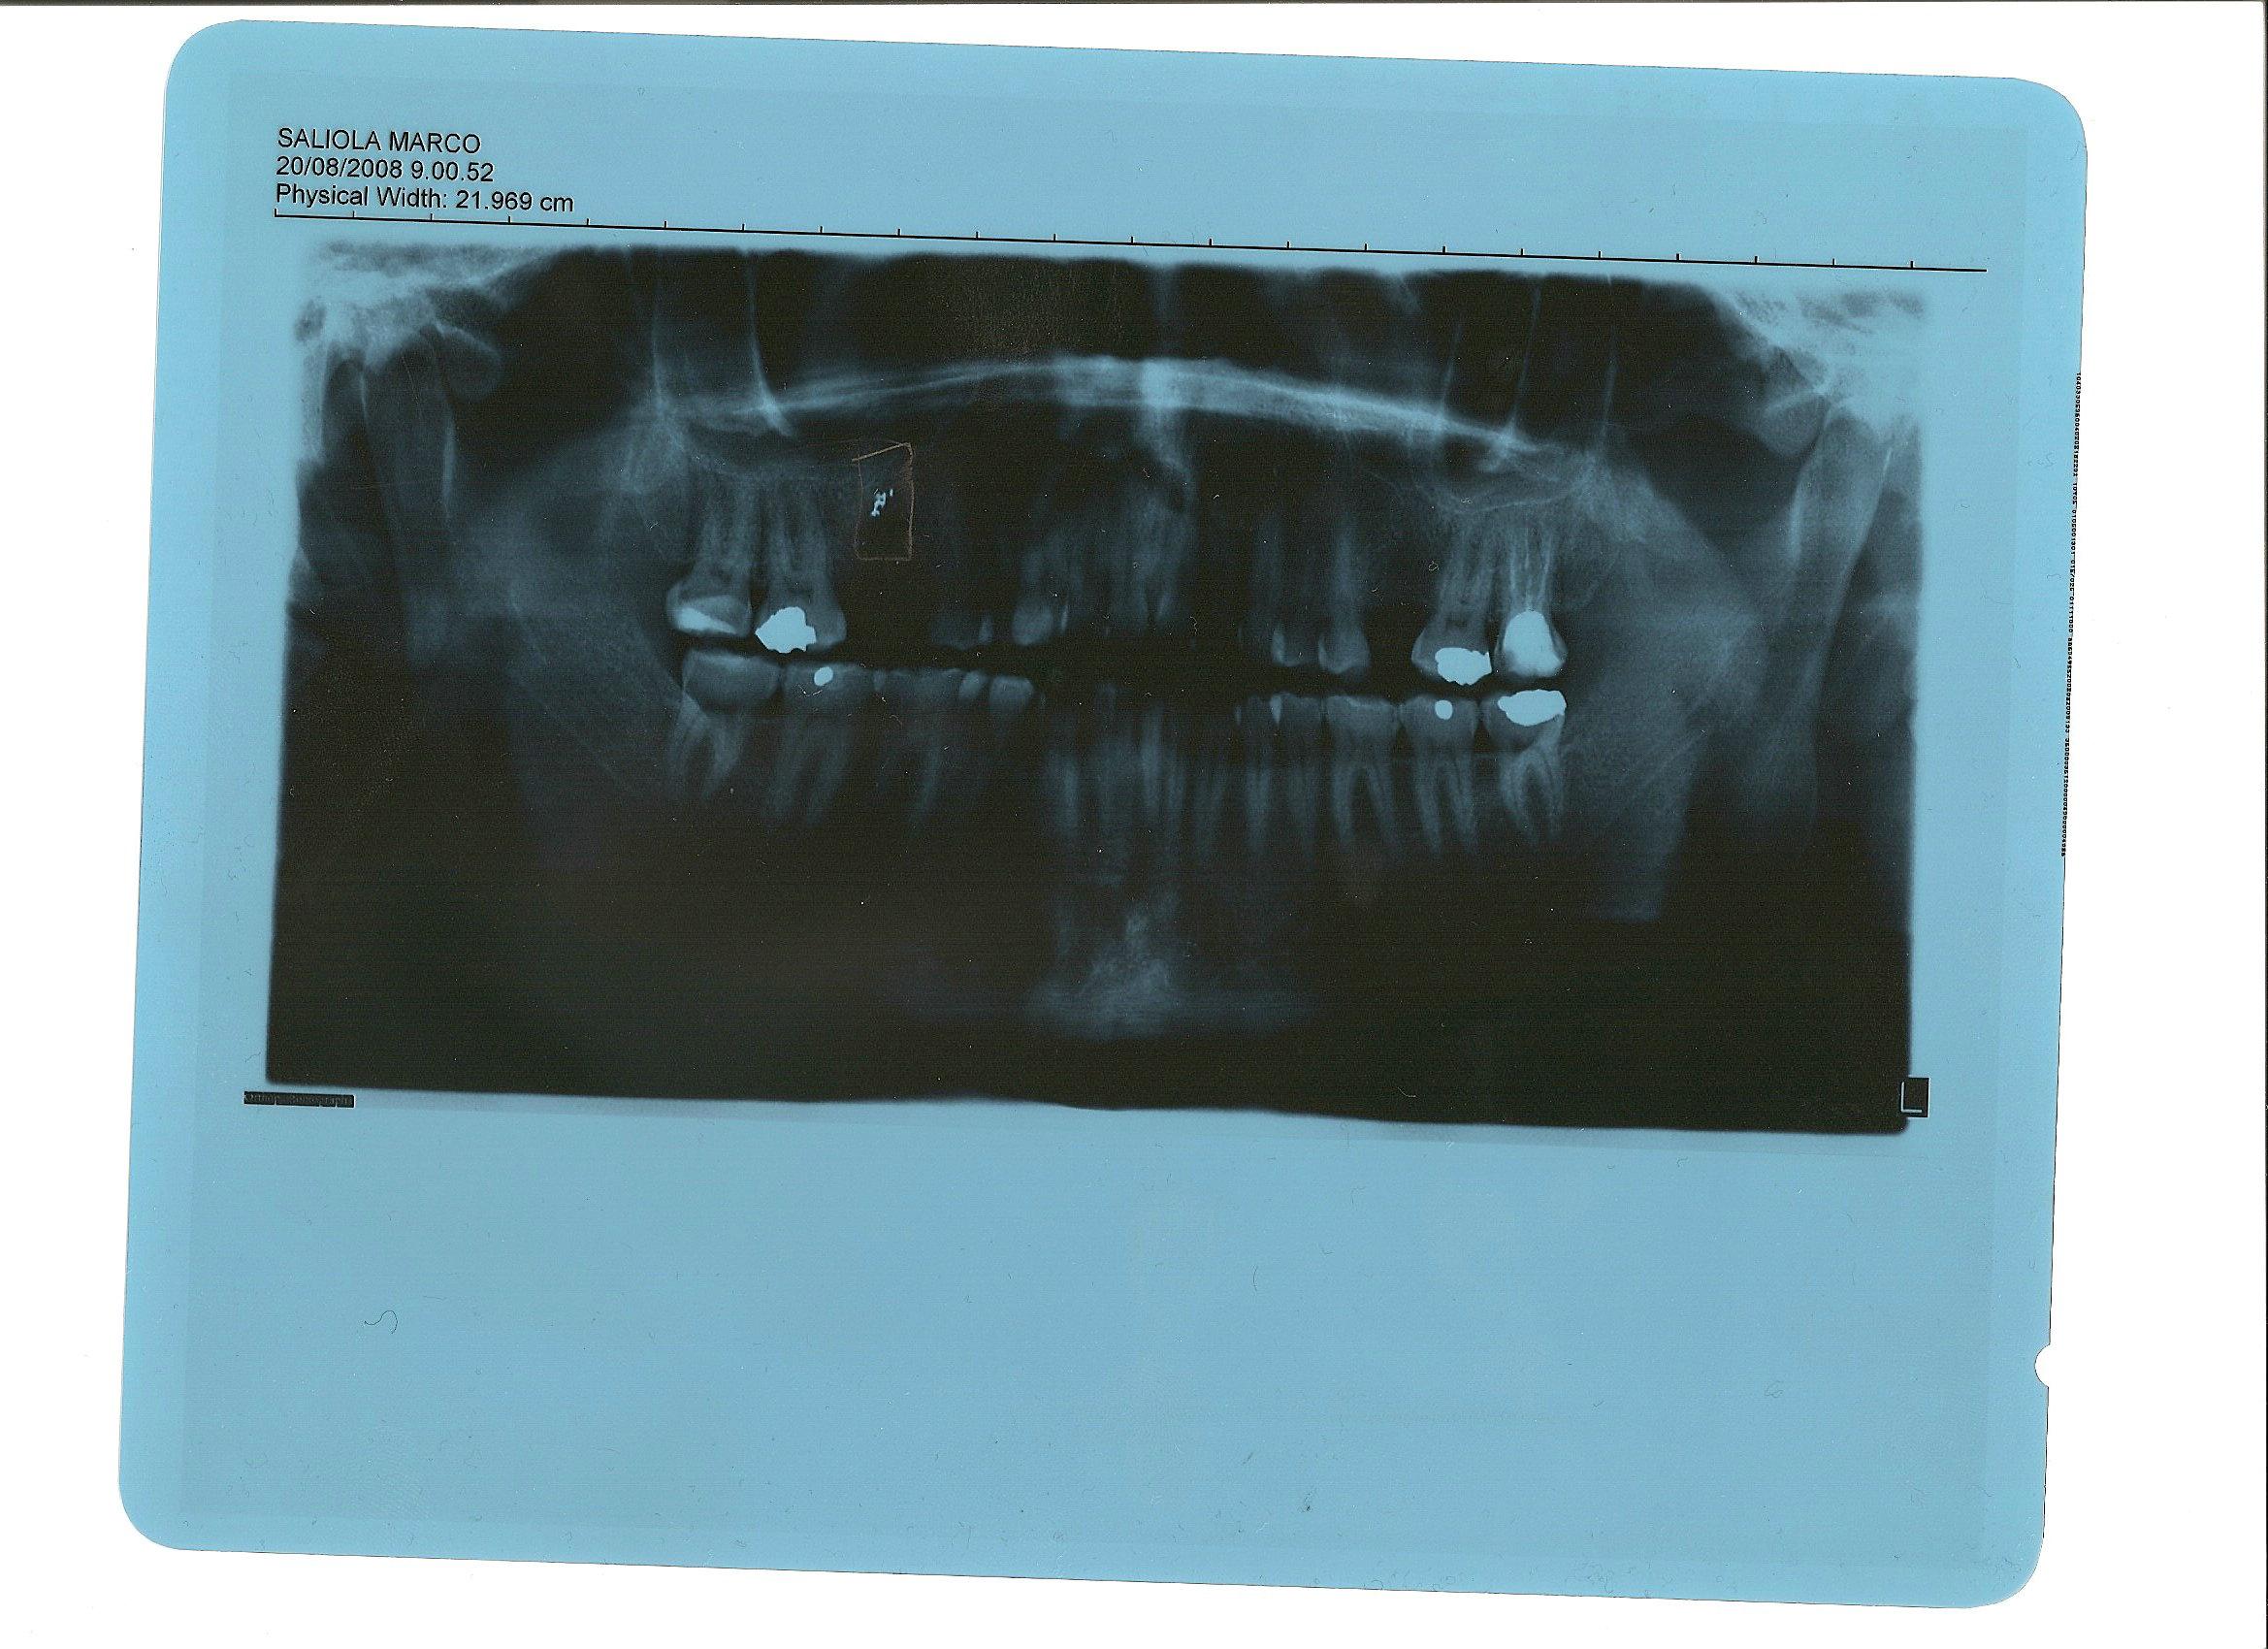 Seguito domanda del 28/09/2008: Problemi dopo la cura di una fistola